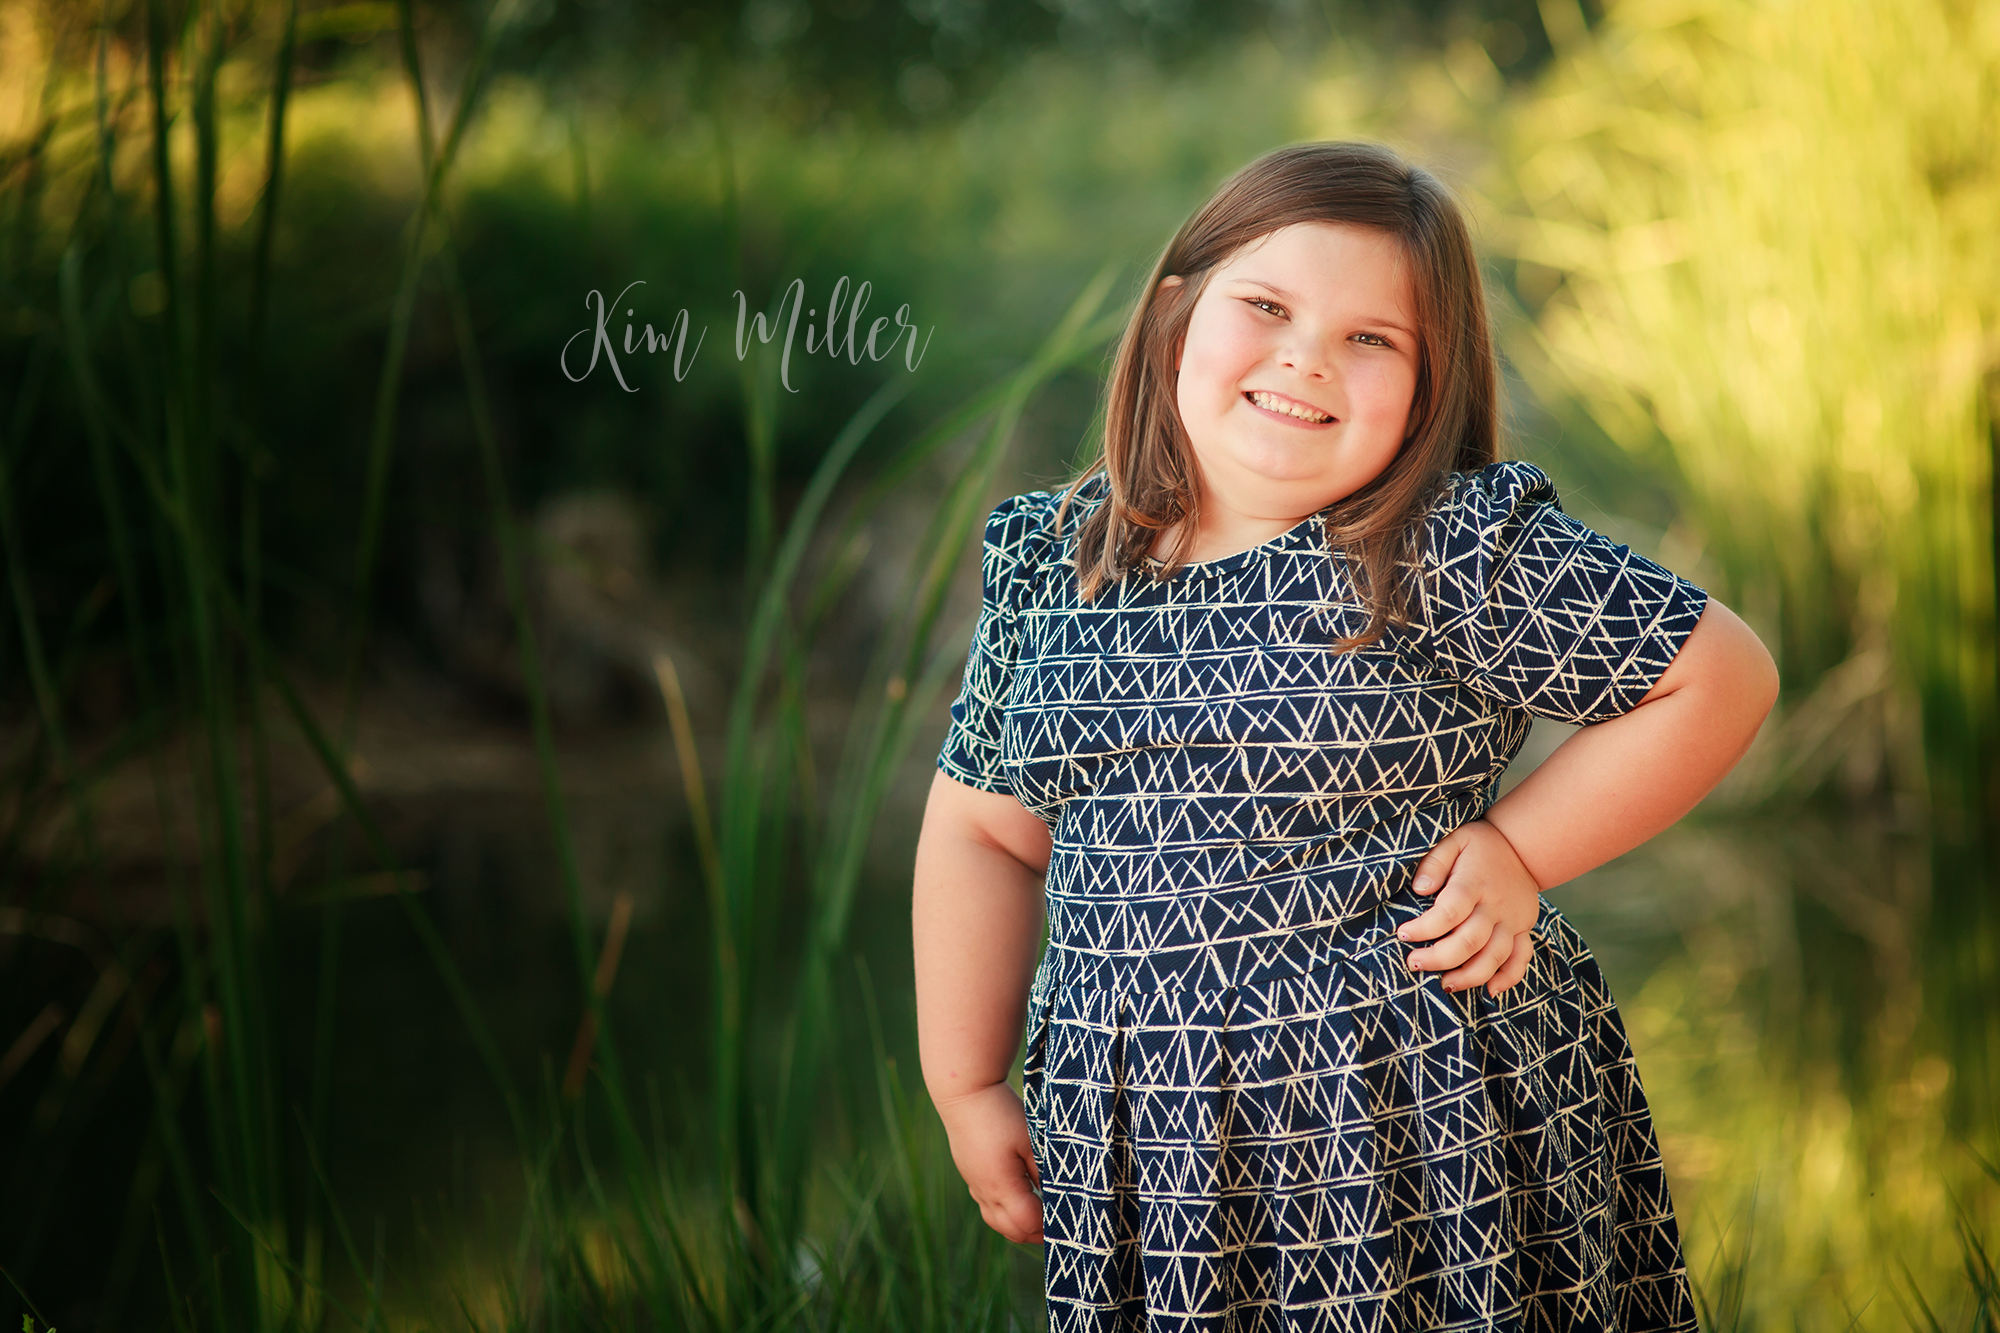 Wetlands Park Family Photography, Las Vegas Photographer, Family Portraits, Child Photographer